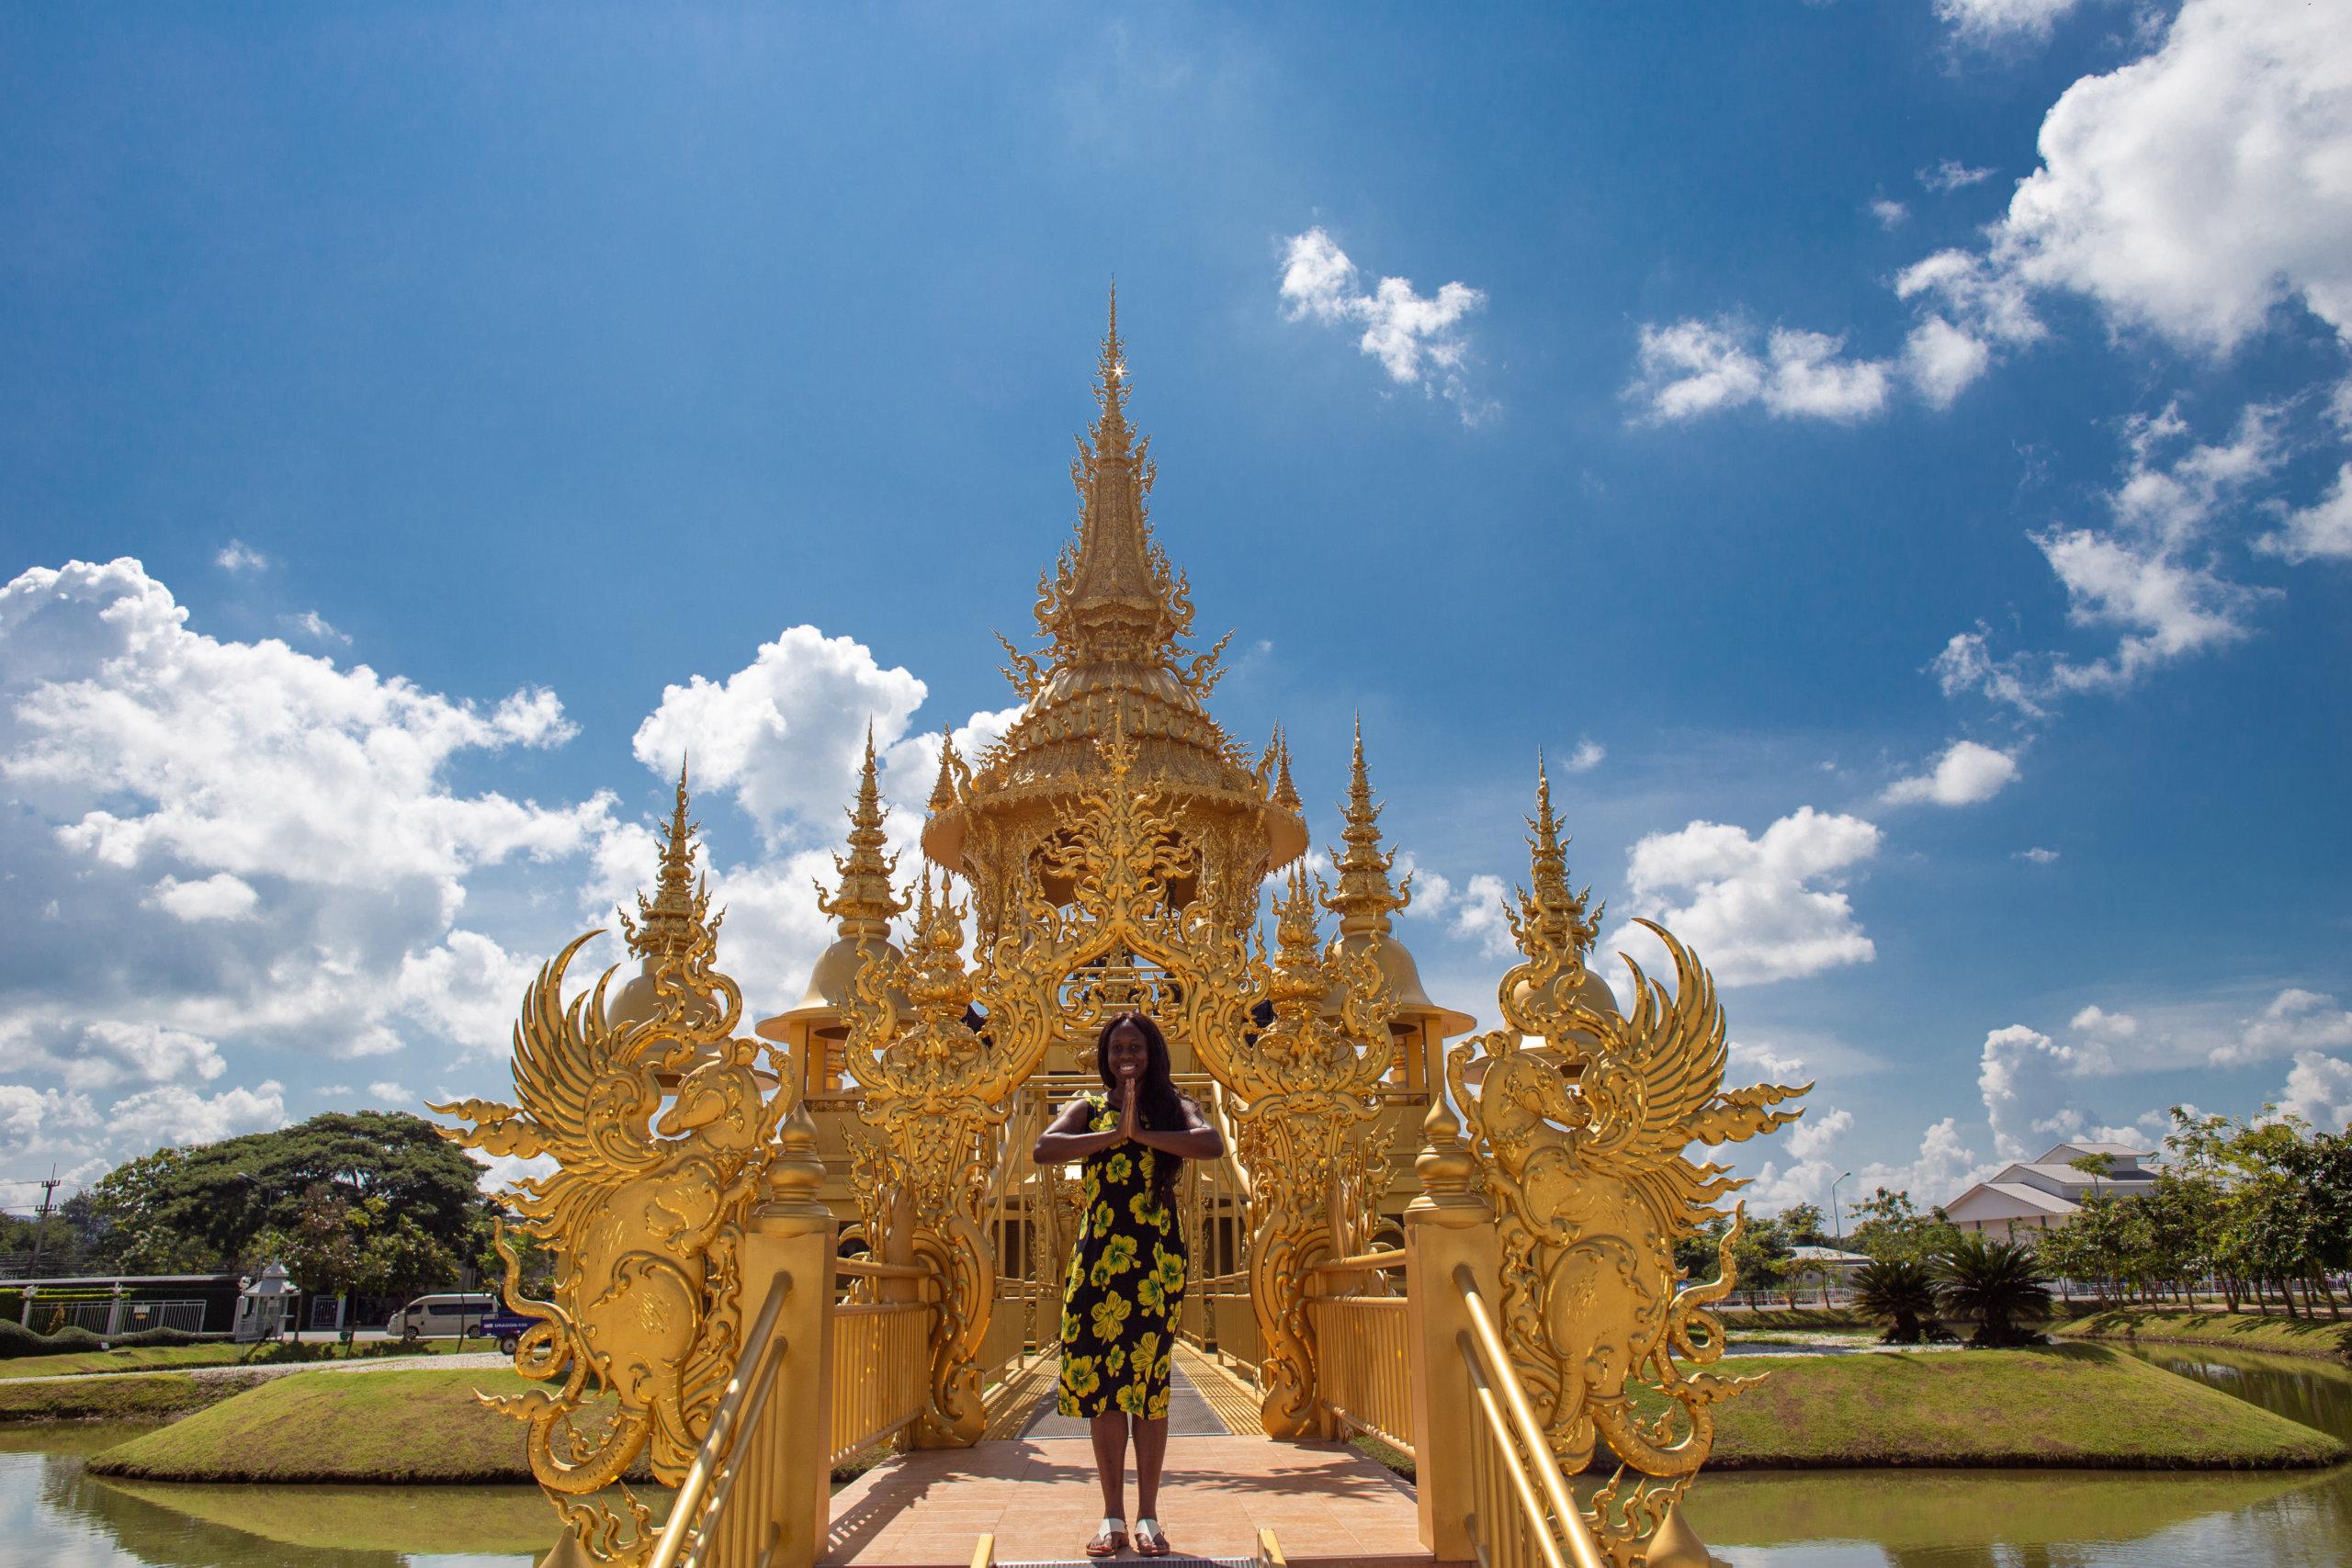 Ganesha Exhibition Hall in Wat Rong Khun, Chiang Rai